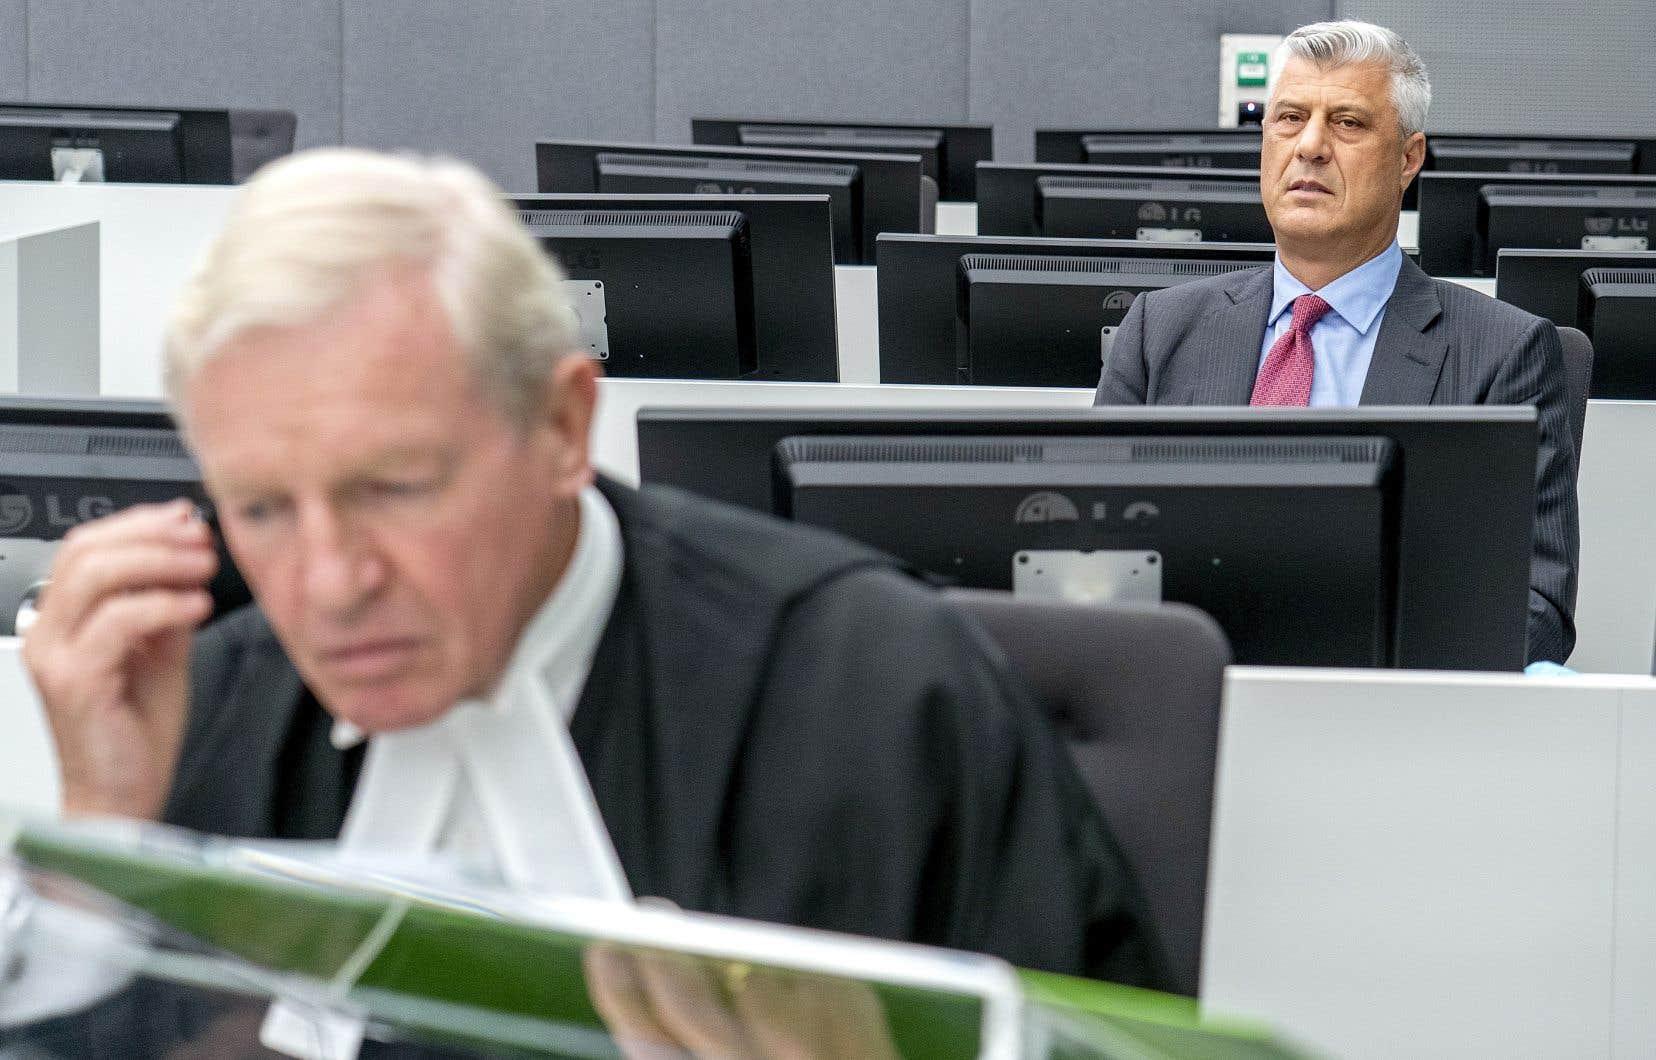 L'ex-président du Kosovo Hashim Thaçi (derrière), accompagné de son avocat, David Hooper, lors de sa première comparution, lundi, devant un tribunal spécial de La Haye